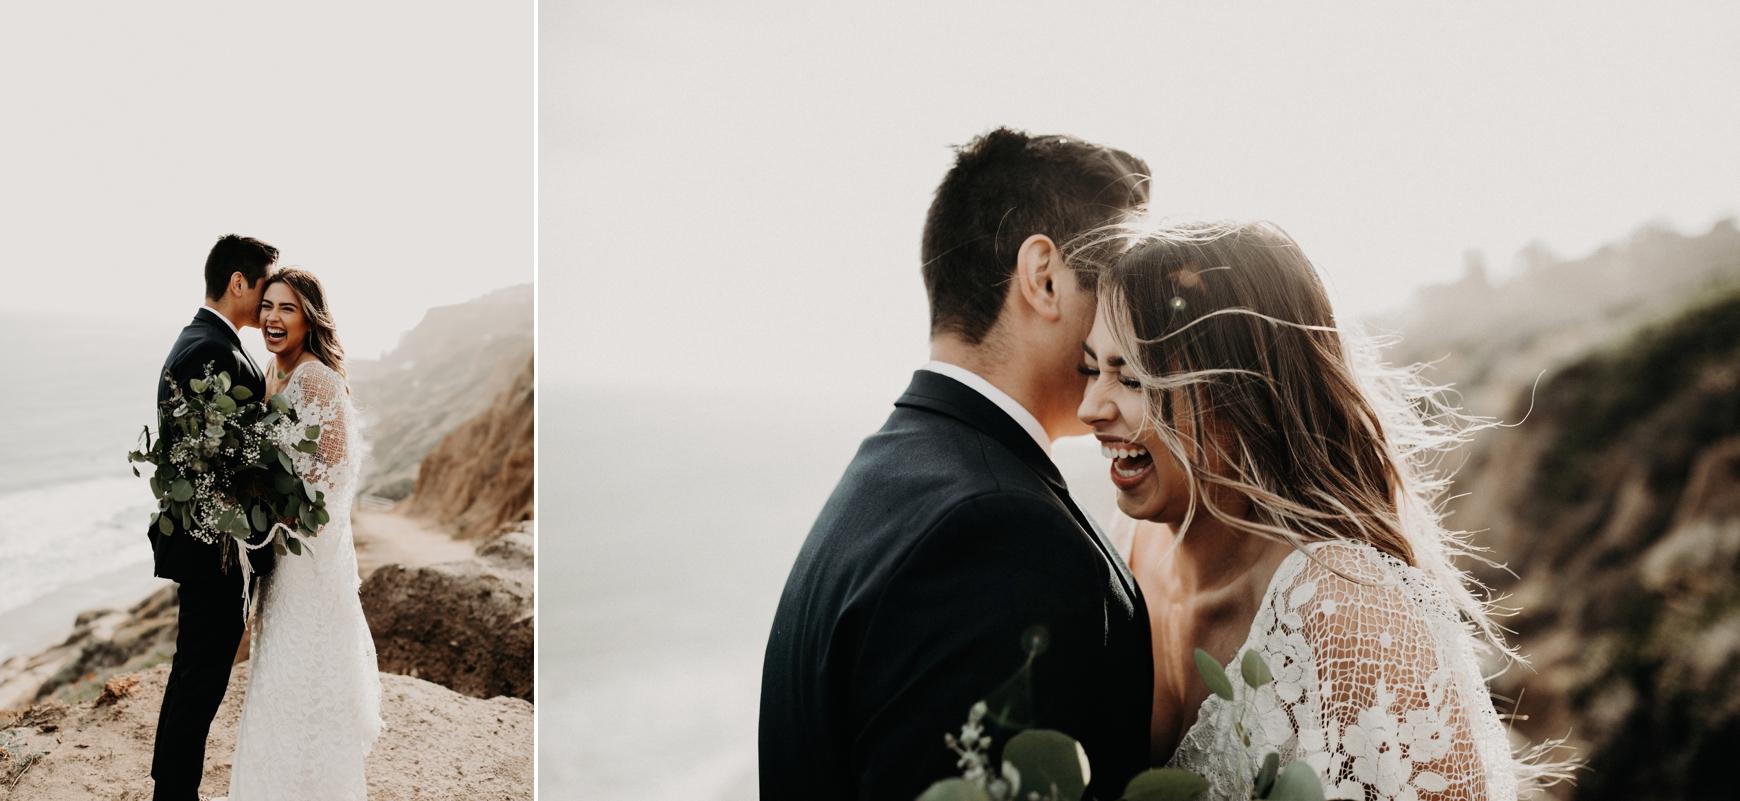 El Matador Beach Bridal Portraits Justellen & TJ Emily Magers Photography-6Emily Magers Photography.jpg